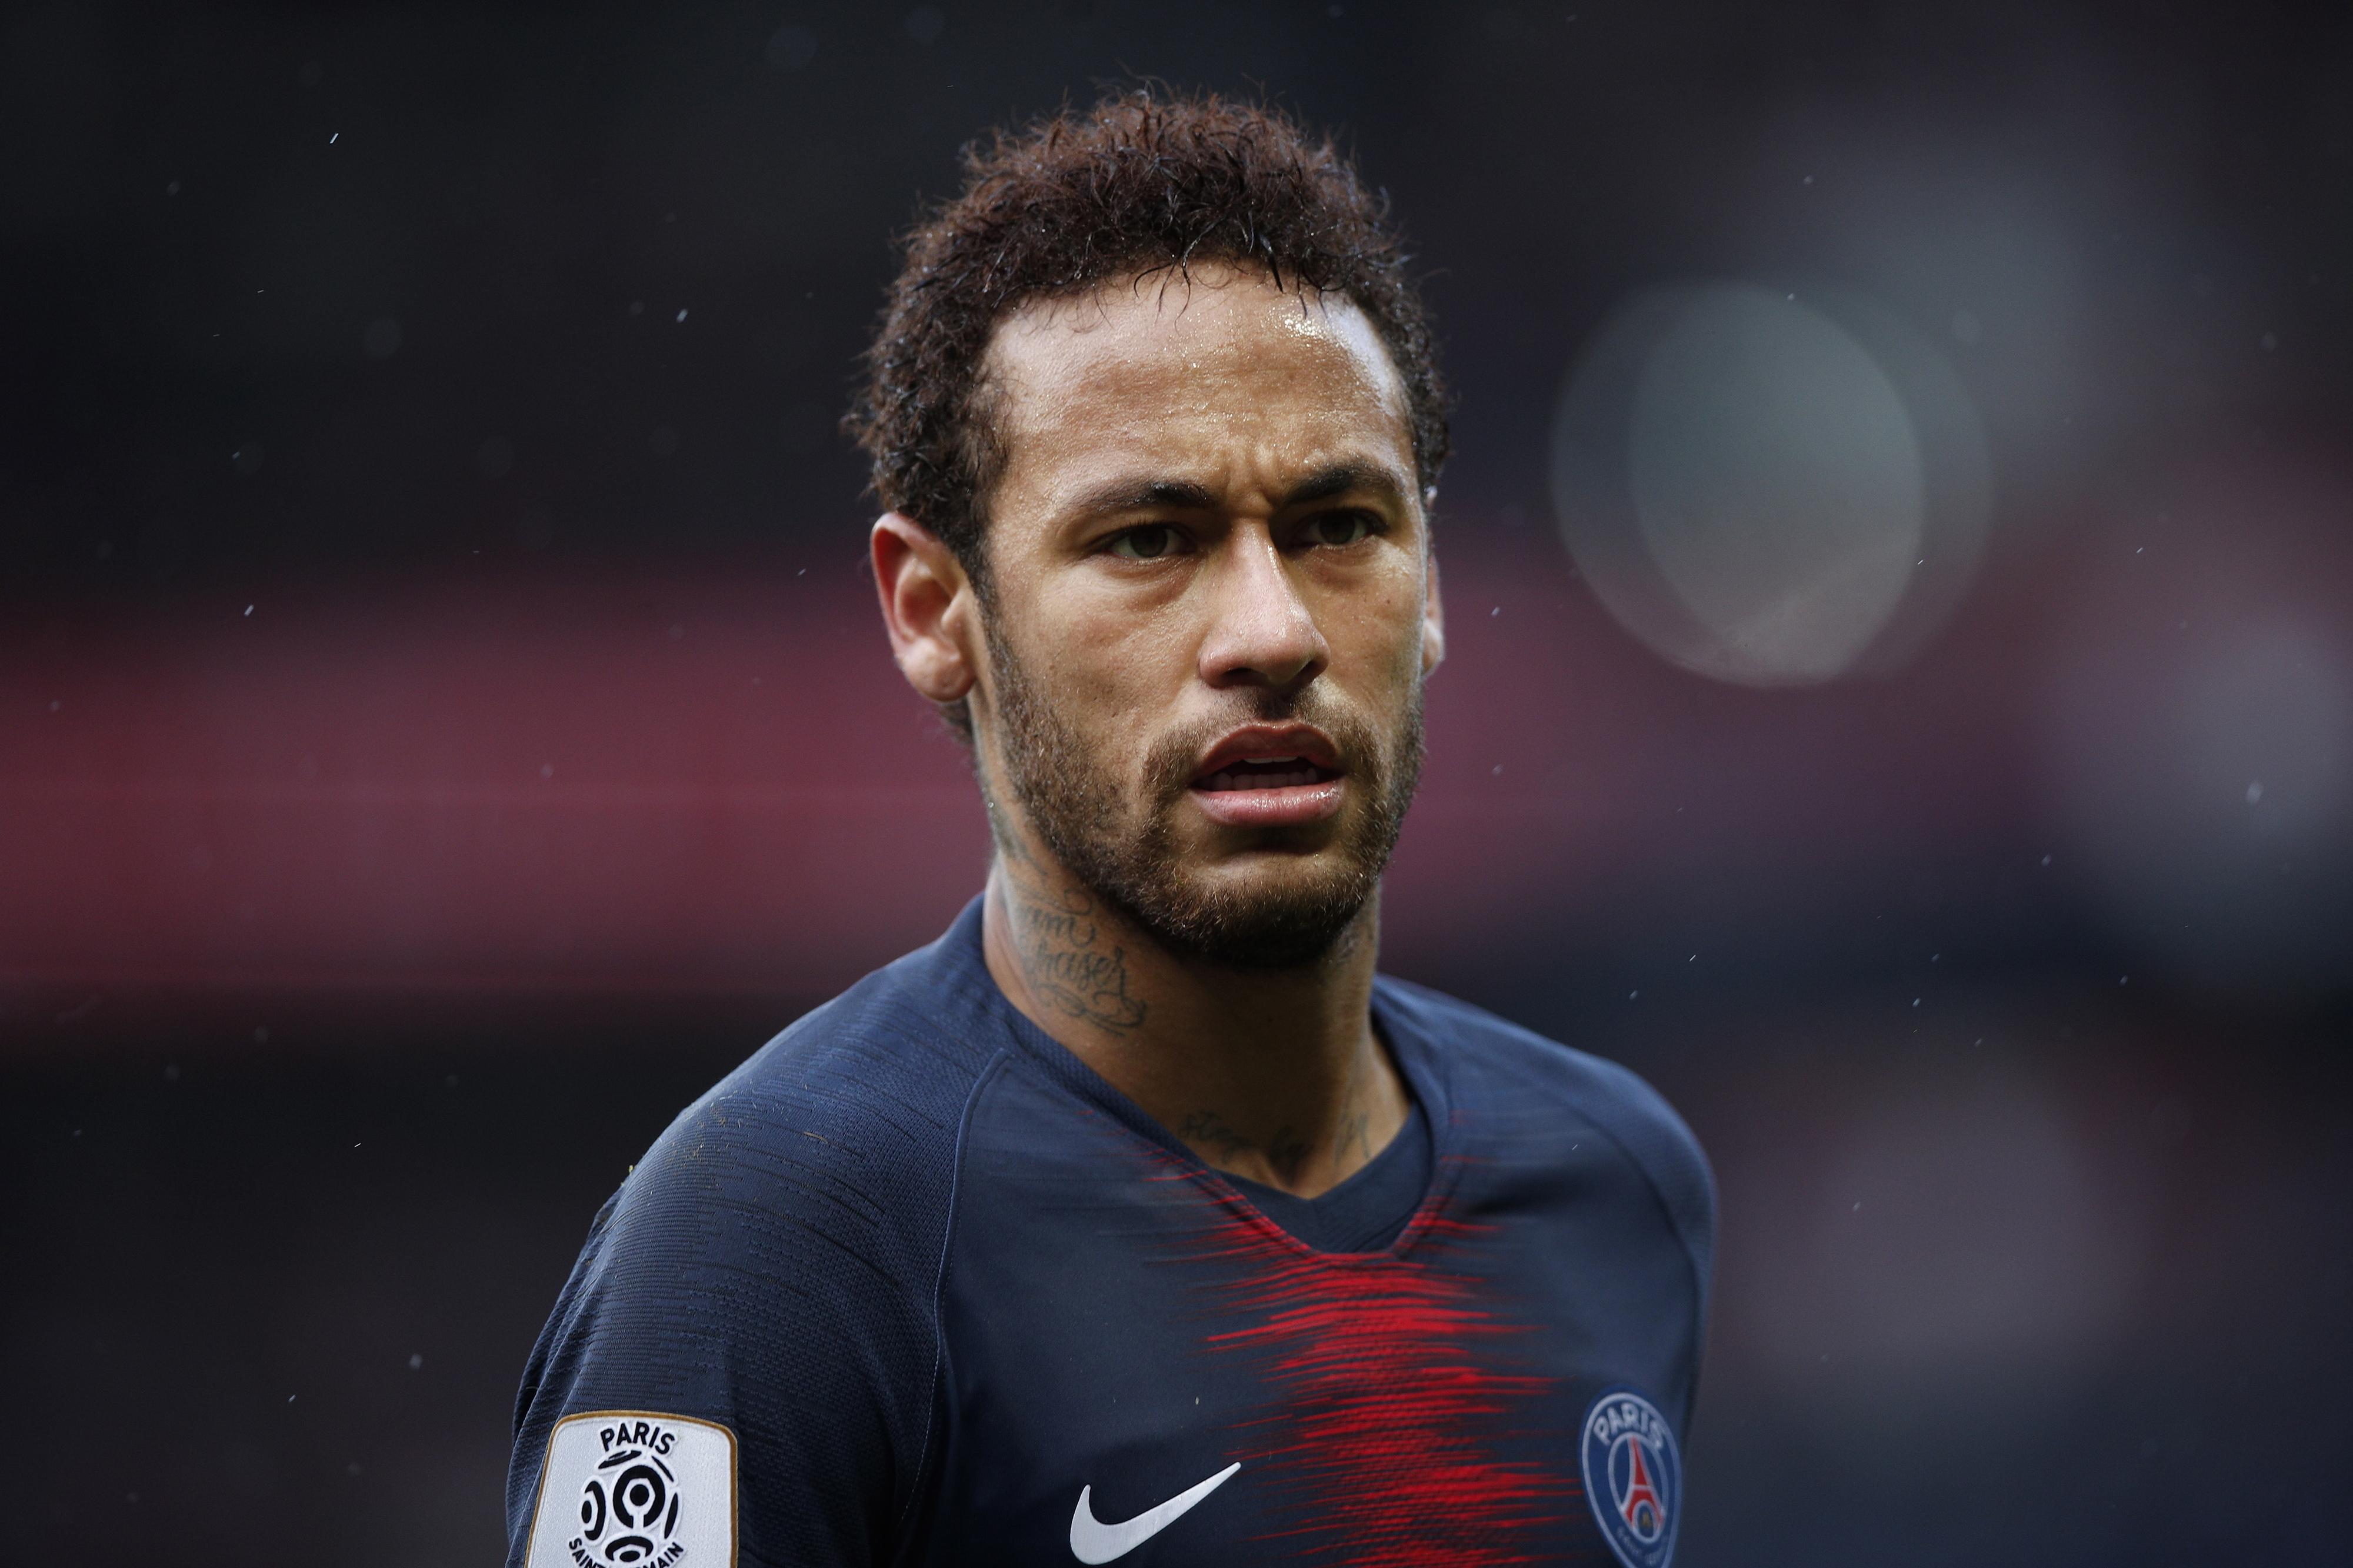 Jornal 'L'Équipe diz que Neymar e PSG estão próximos da reconciliação